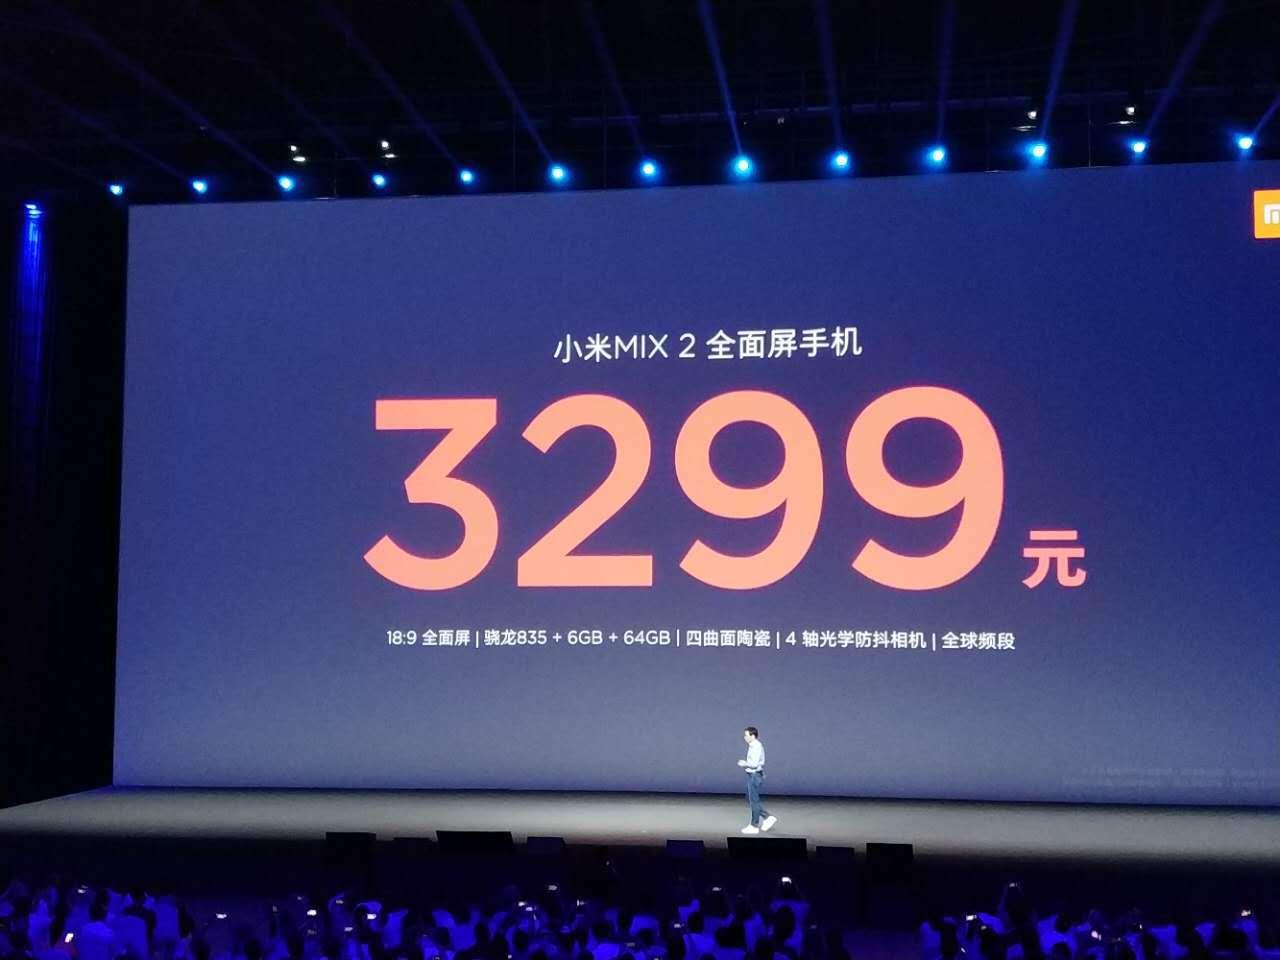 小米发布全面屏第二代MIX2售价3299元起